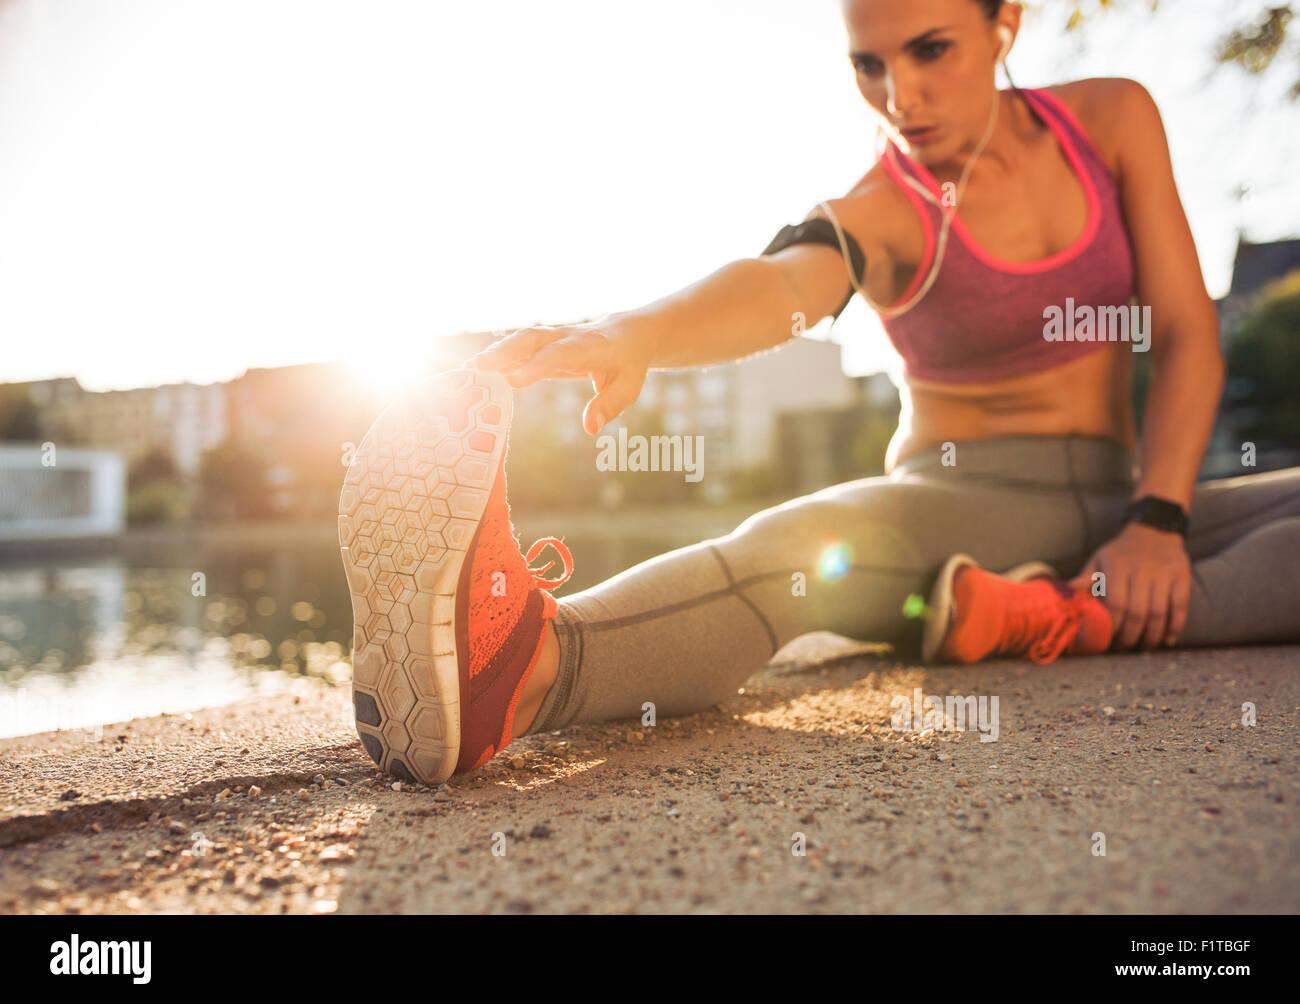 Junge Frau Läufer dehnen Beine vor ihrer Sommer-Training zu tun. Sportlerin Aufwärmen vor outdoor-Training. Stockbild